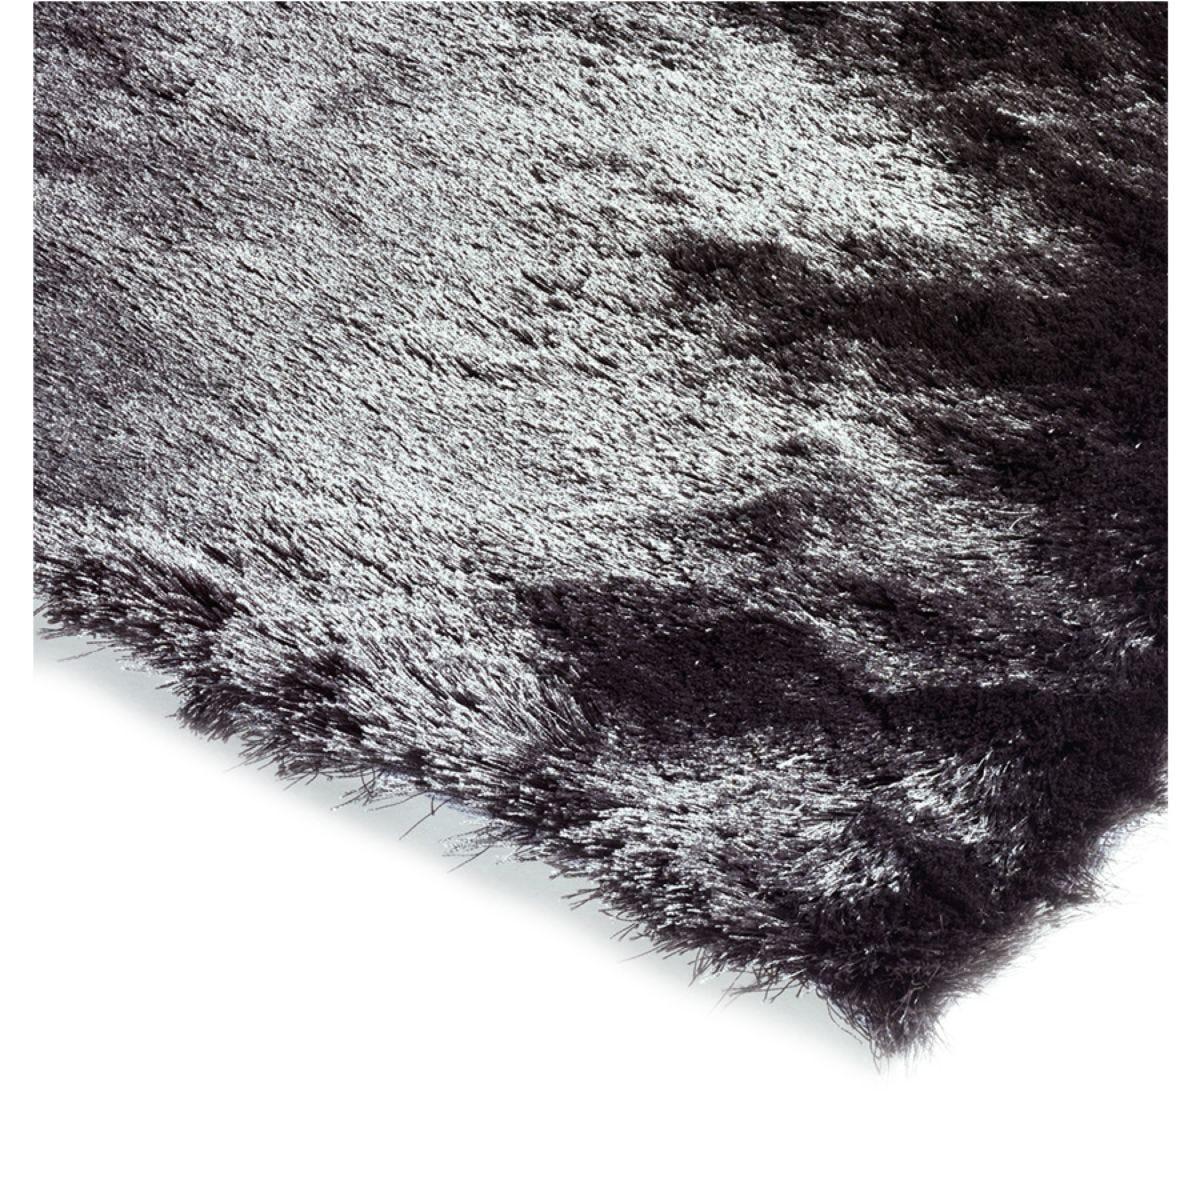 Asiatic Medium Whisper Rug - Graphite